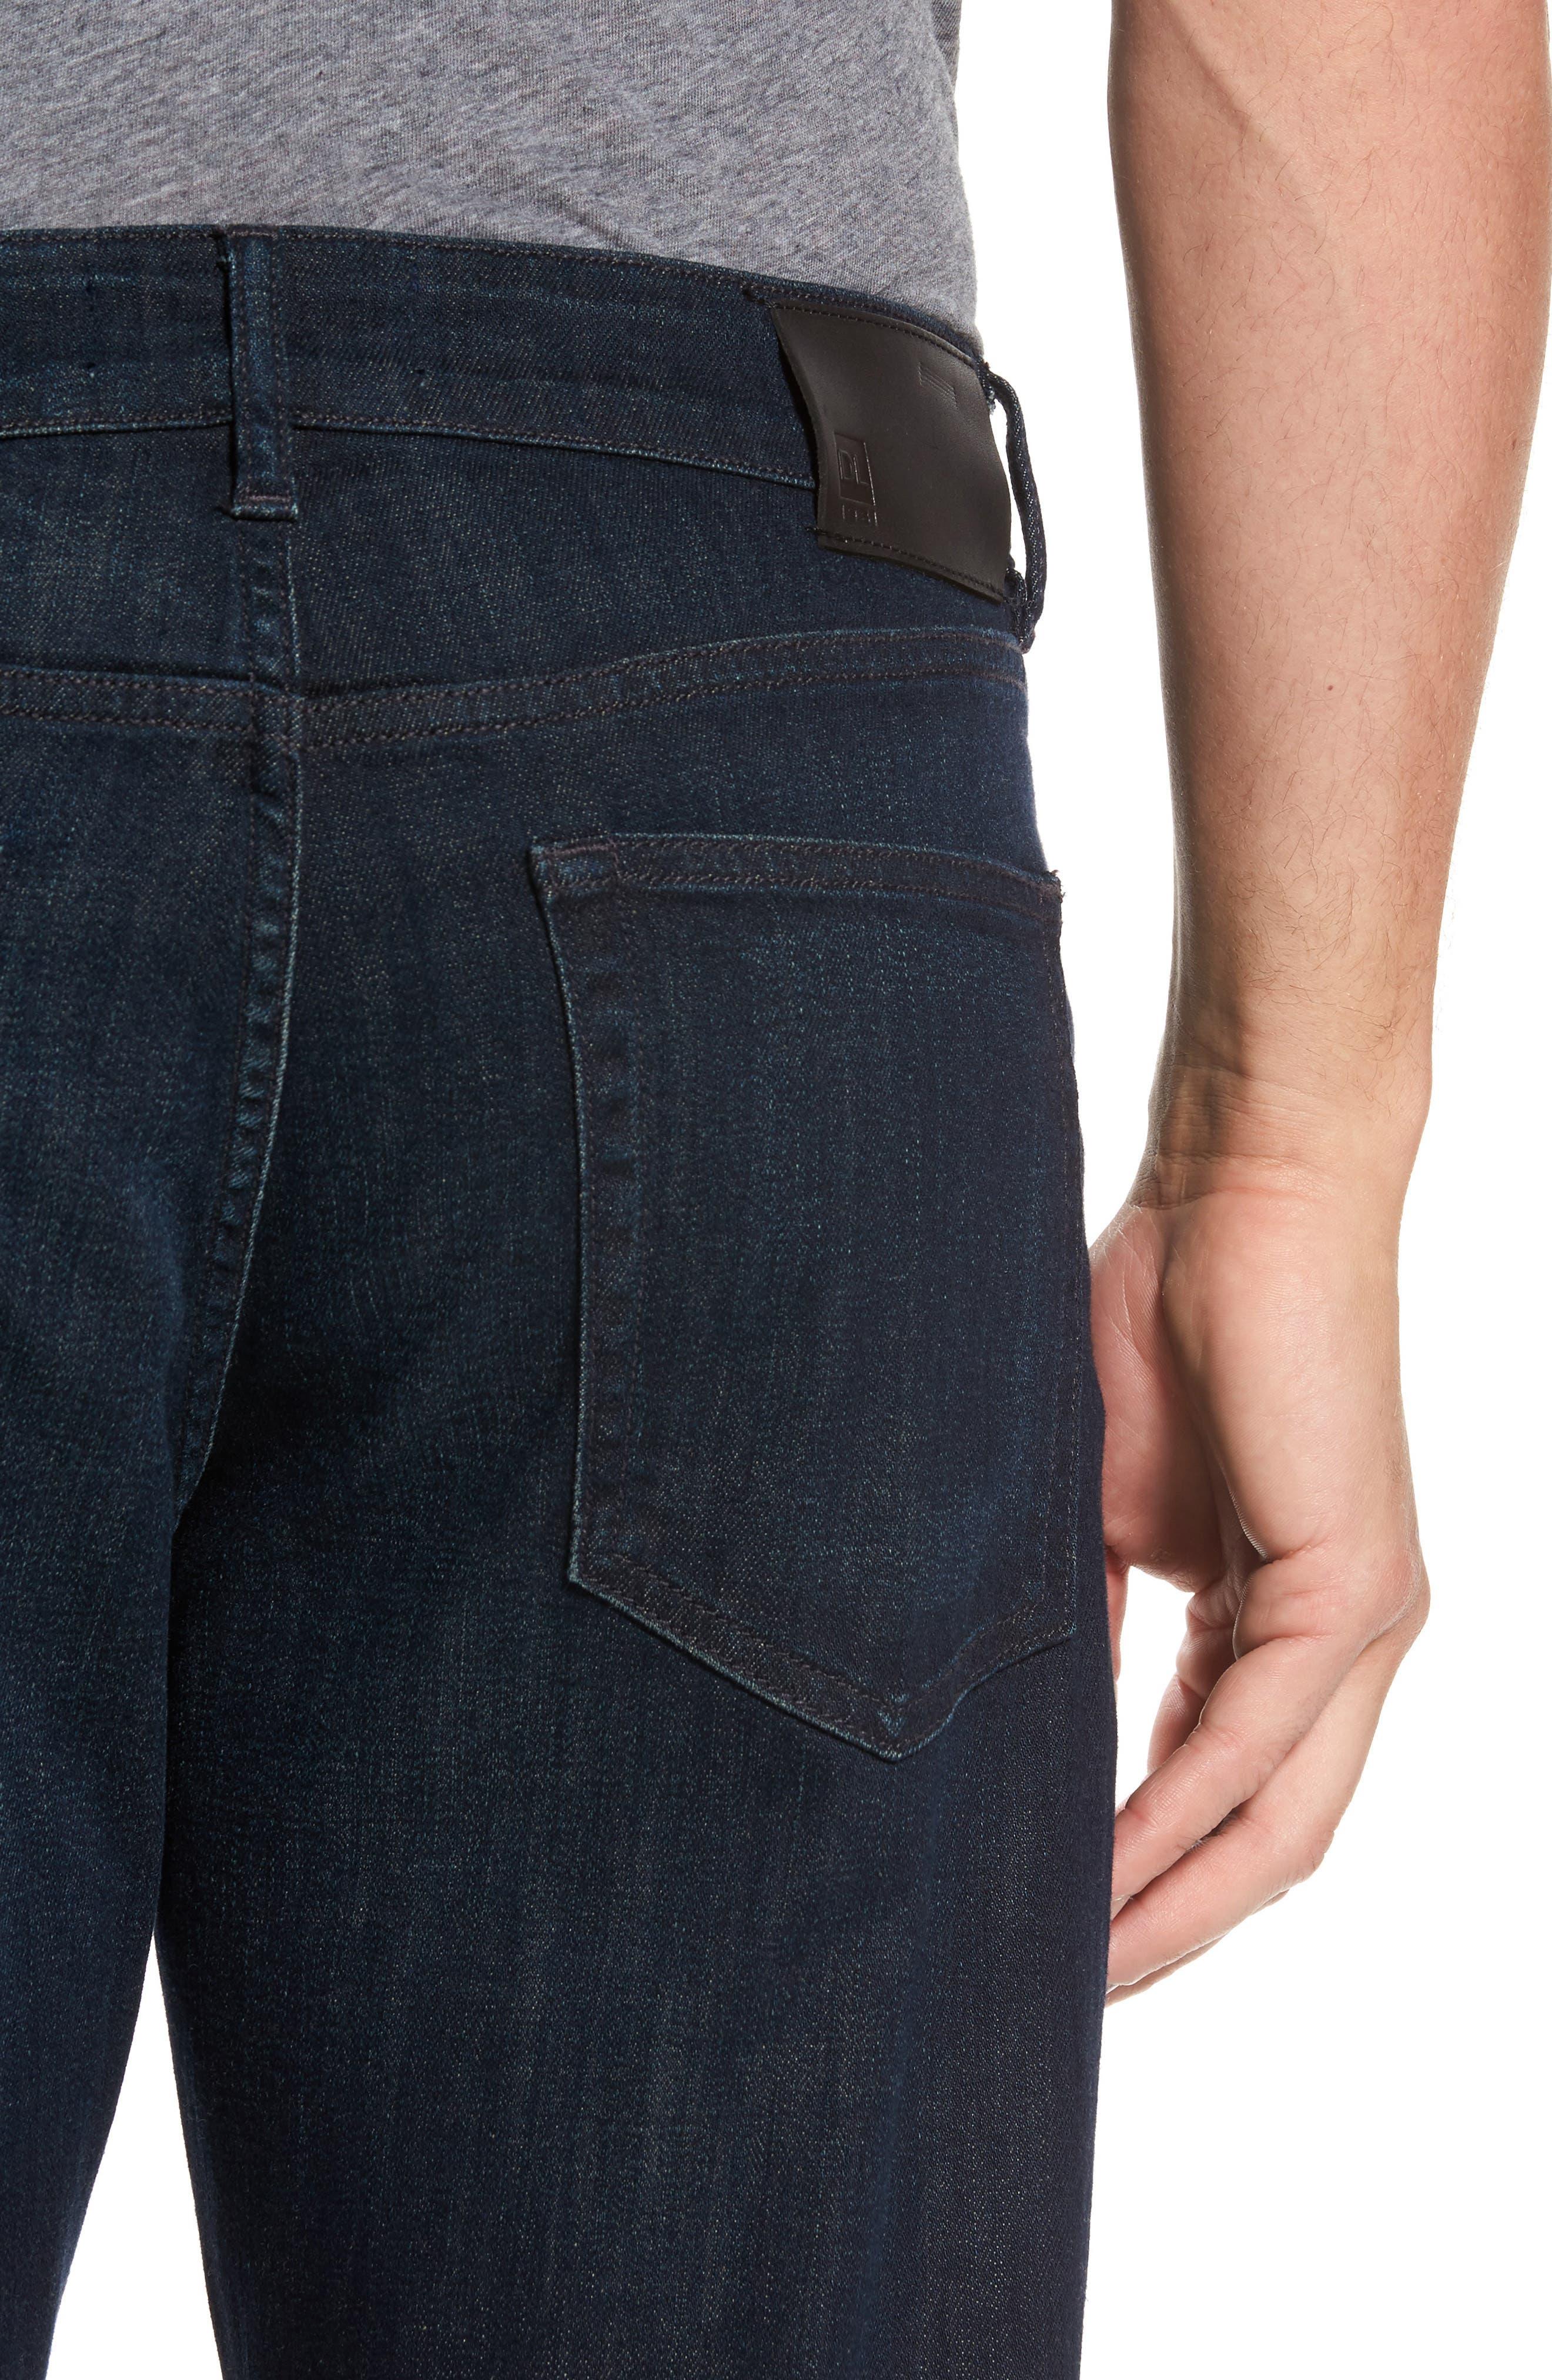 Avery Slim Straight Leg Jeans,                             Alternate thumbnail 4, color,                             426